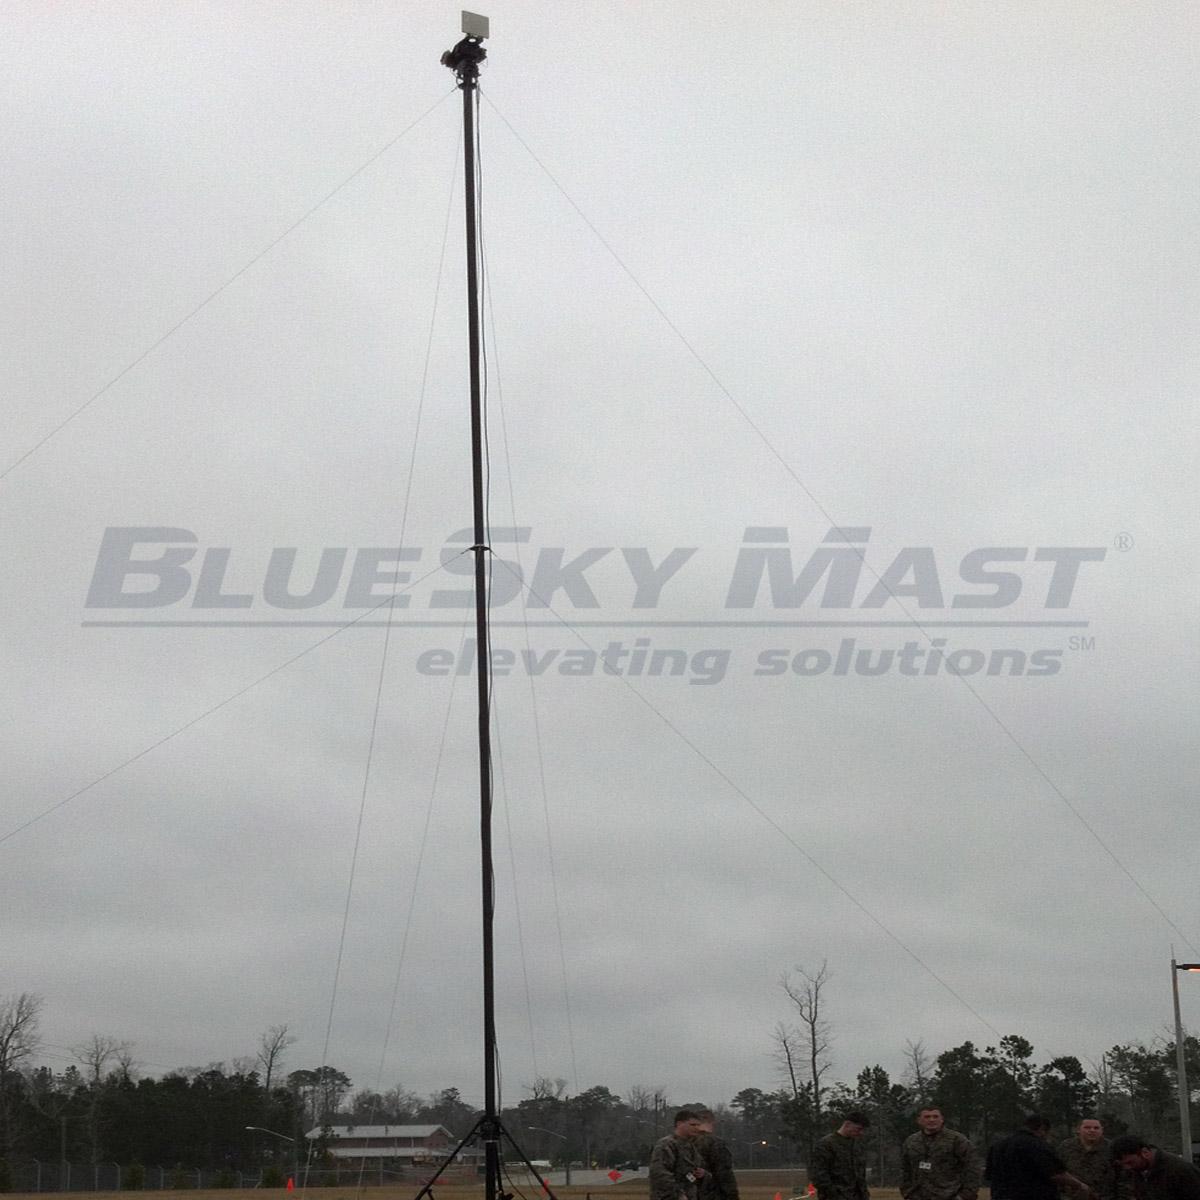 bsm3 w l314 al3 000 bluesky mast panasonic lx5 user manual pdf nakamichi lx5 user manual